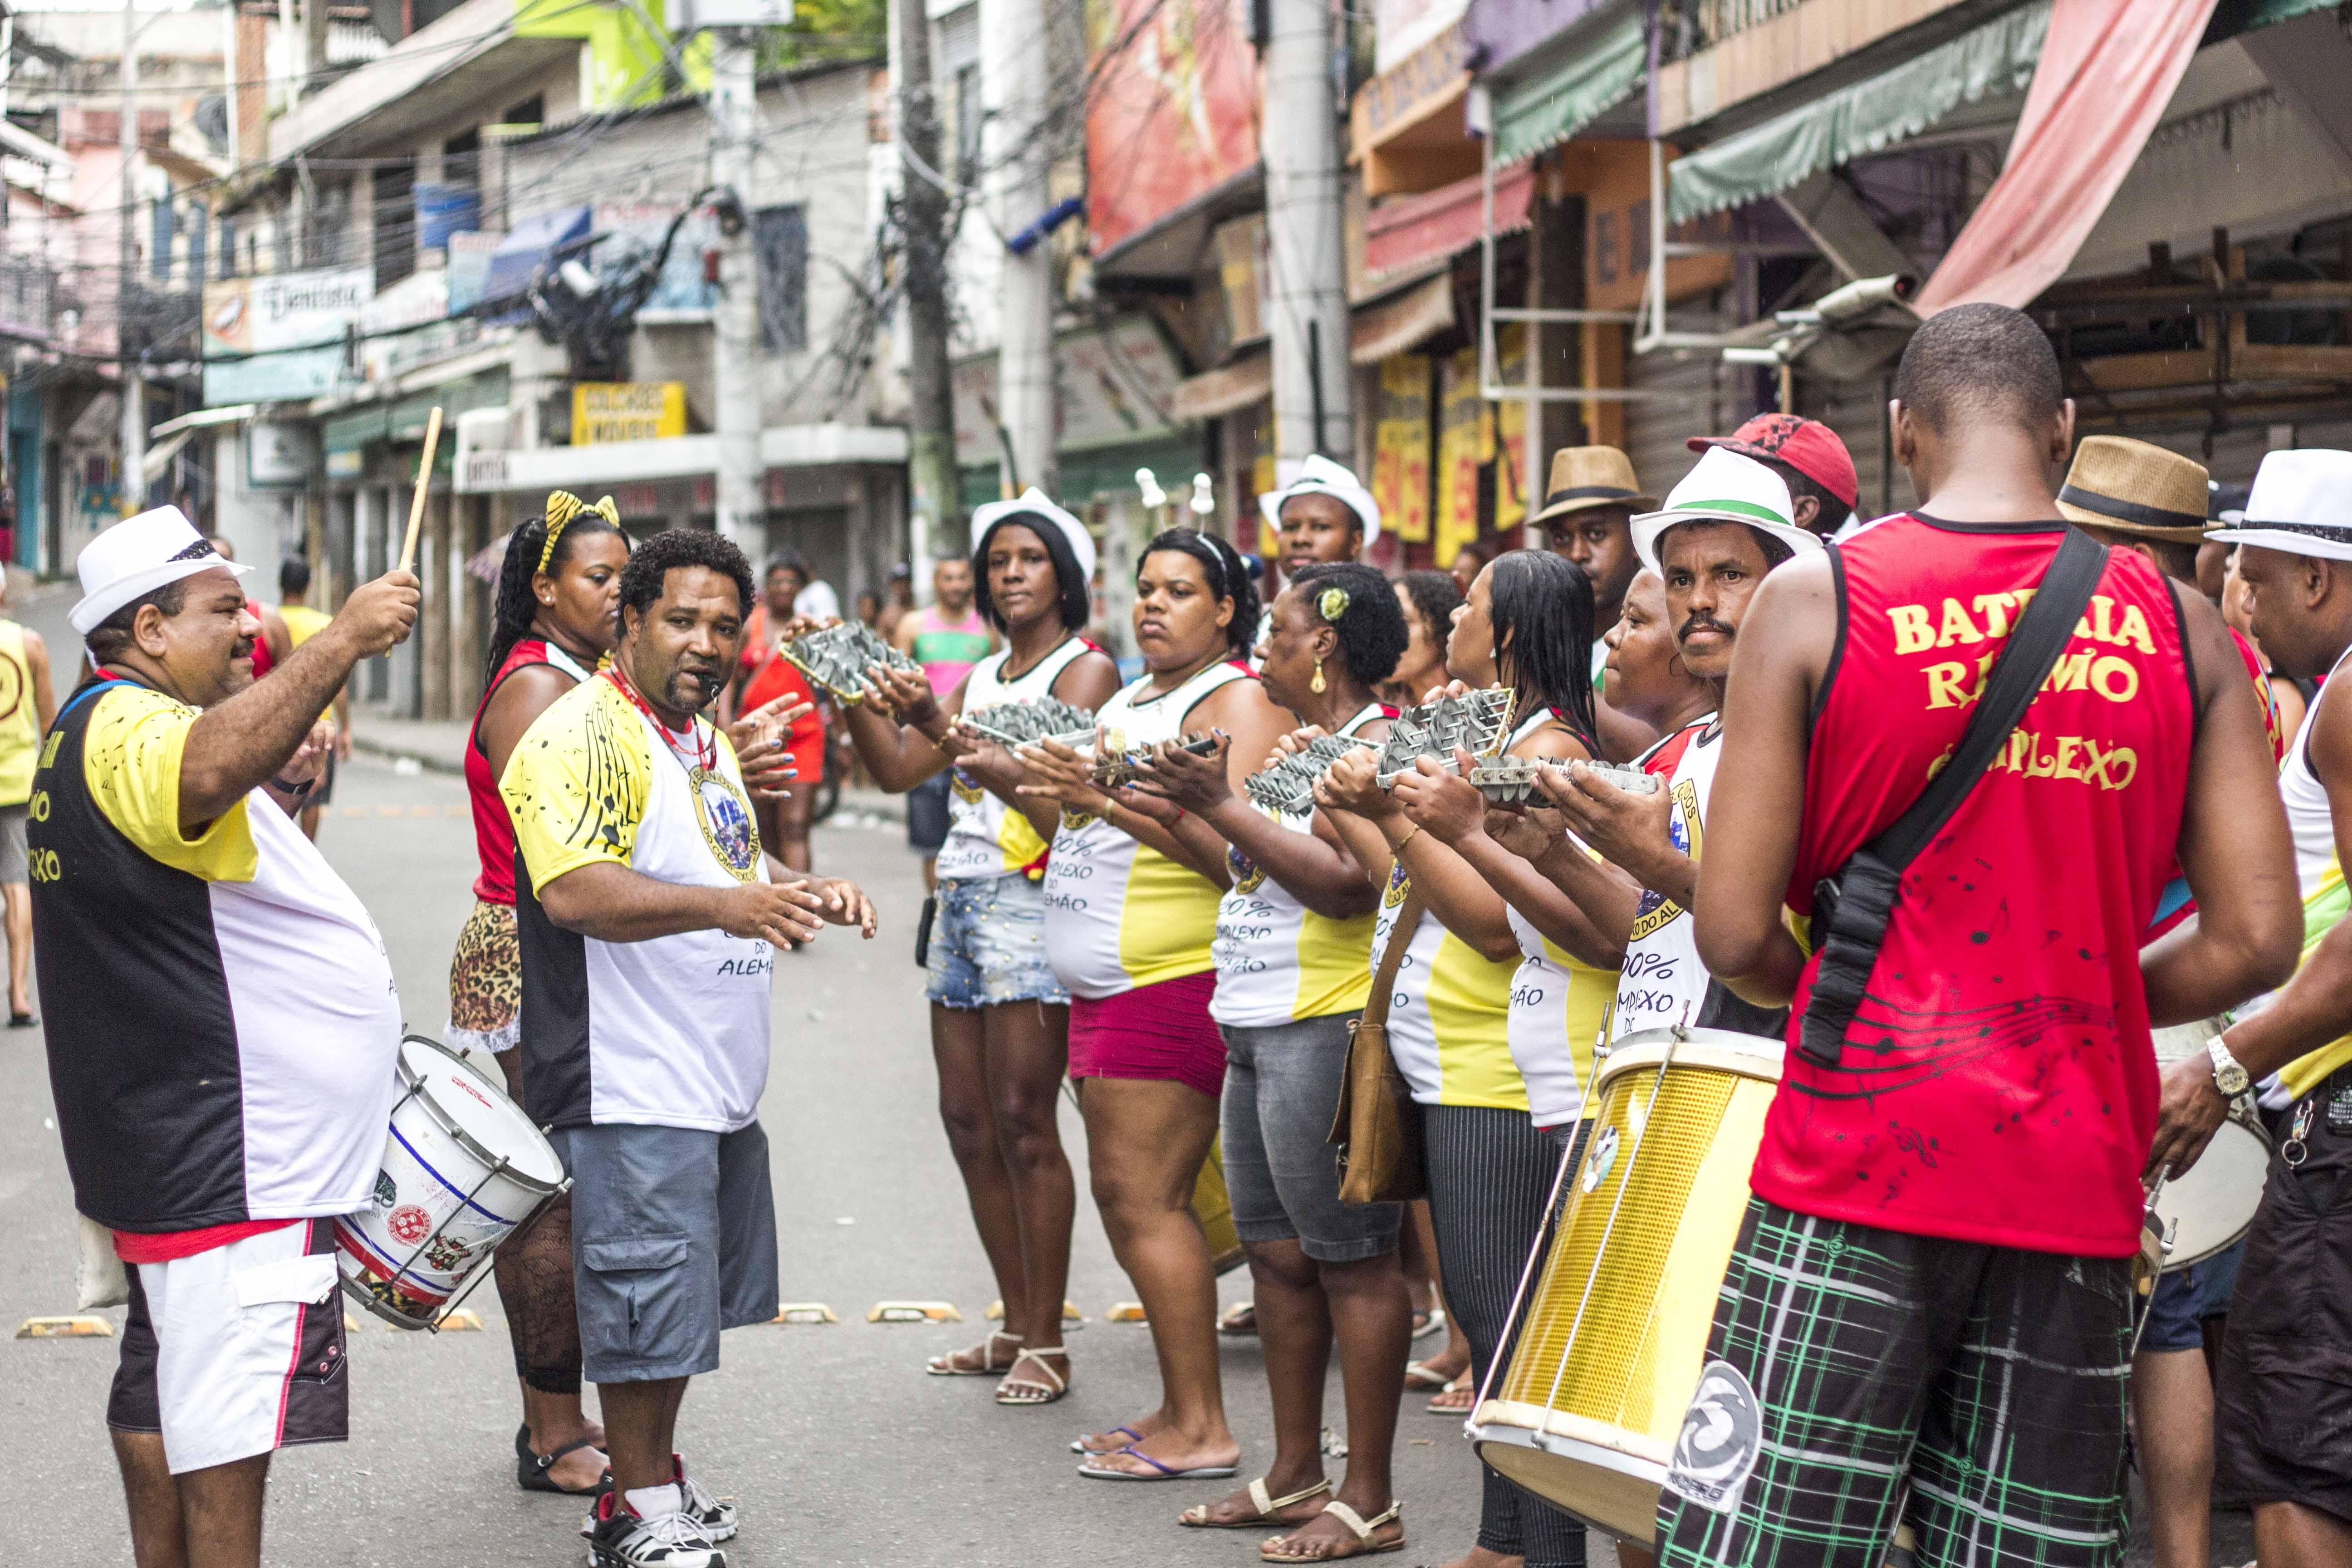 Bloco de Carnaval Unidos do Alemão anuncia samba enredo